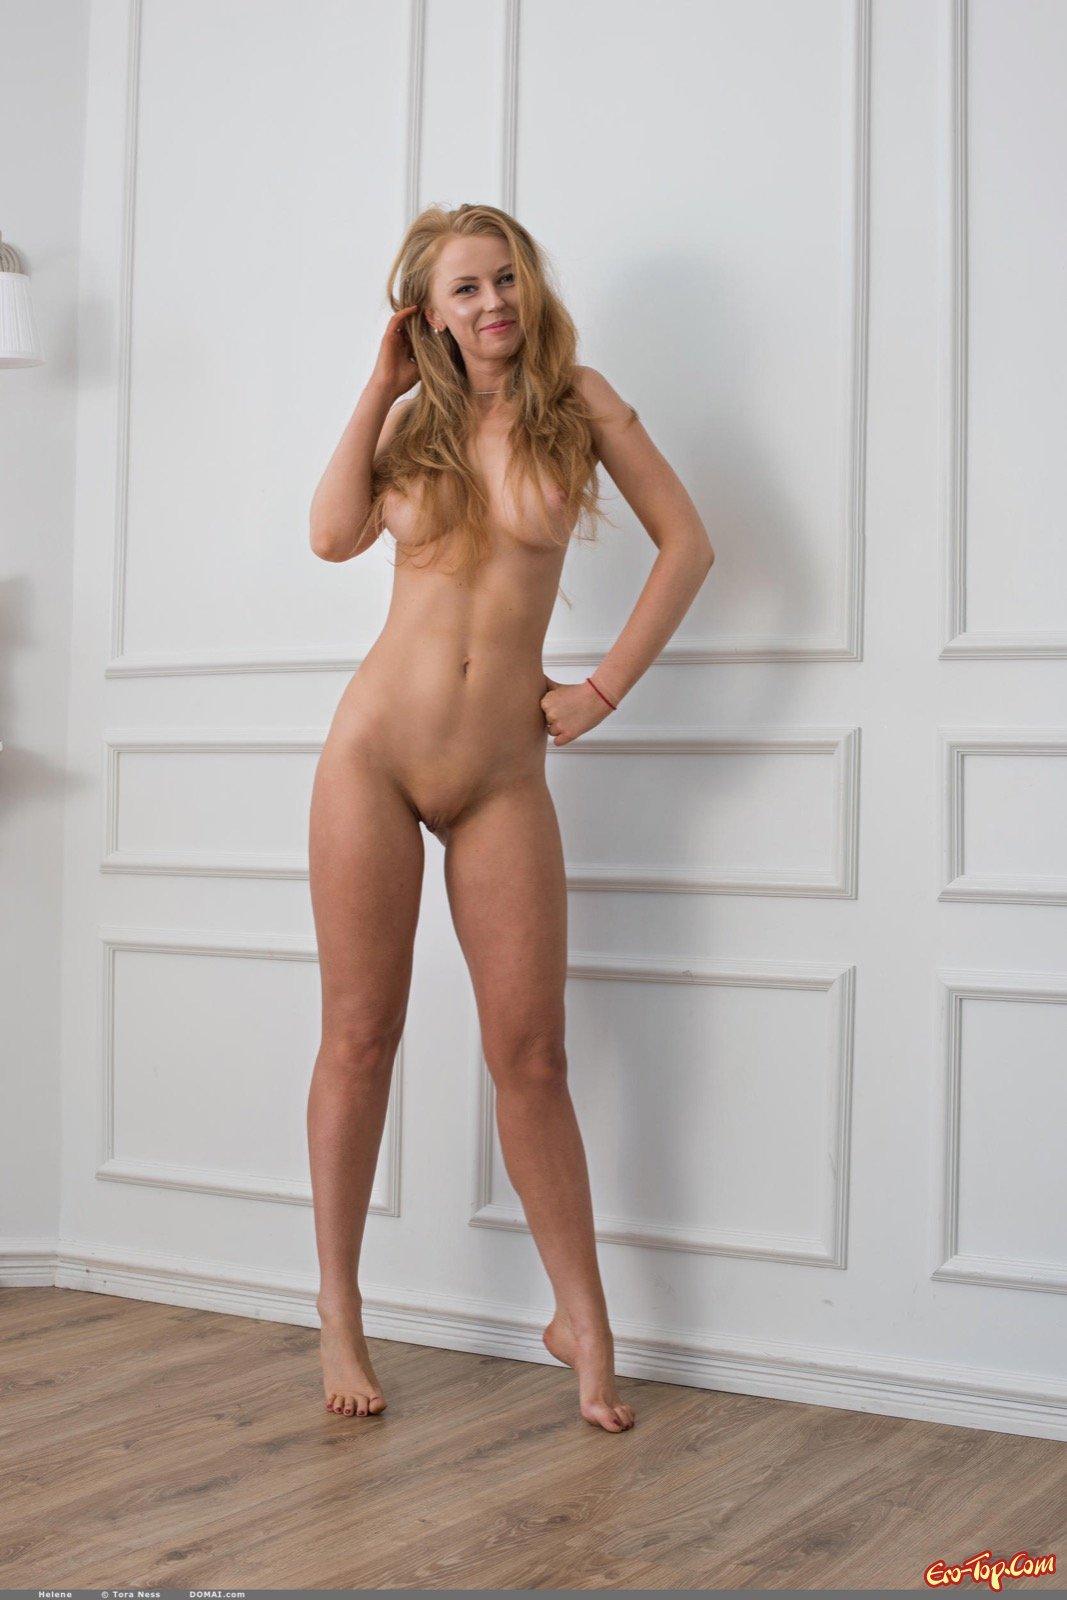 Догола раздетая модель со свелыми волосами засветила сексапильное тело